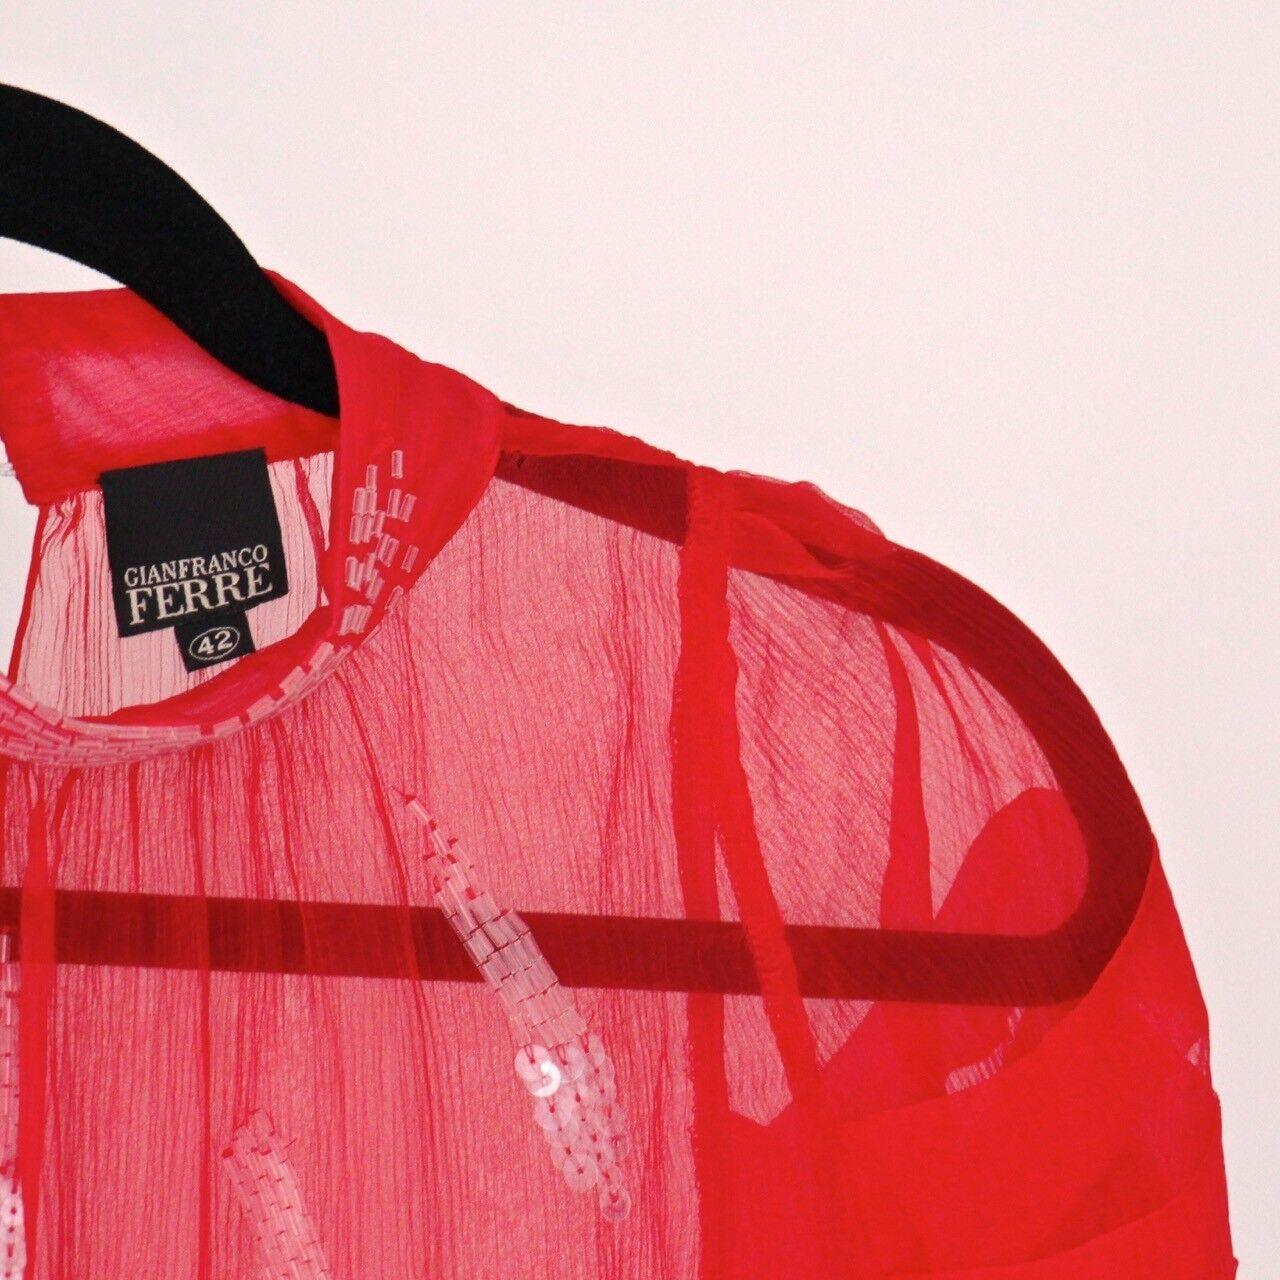 GIANFRANCO FERRE FERRE FERRE camicia di seta, rosso, taglia M, IT 42 963e95